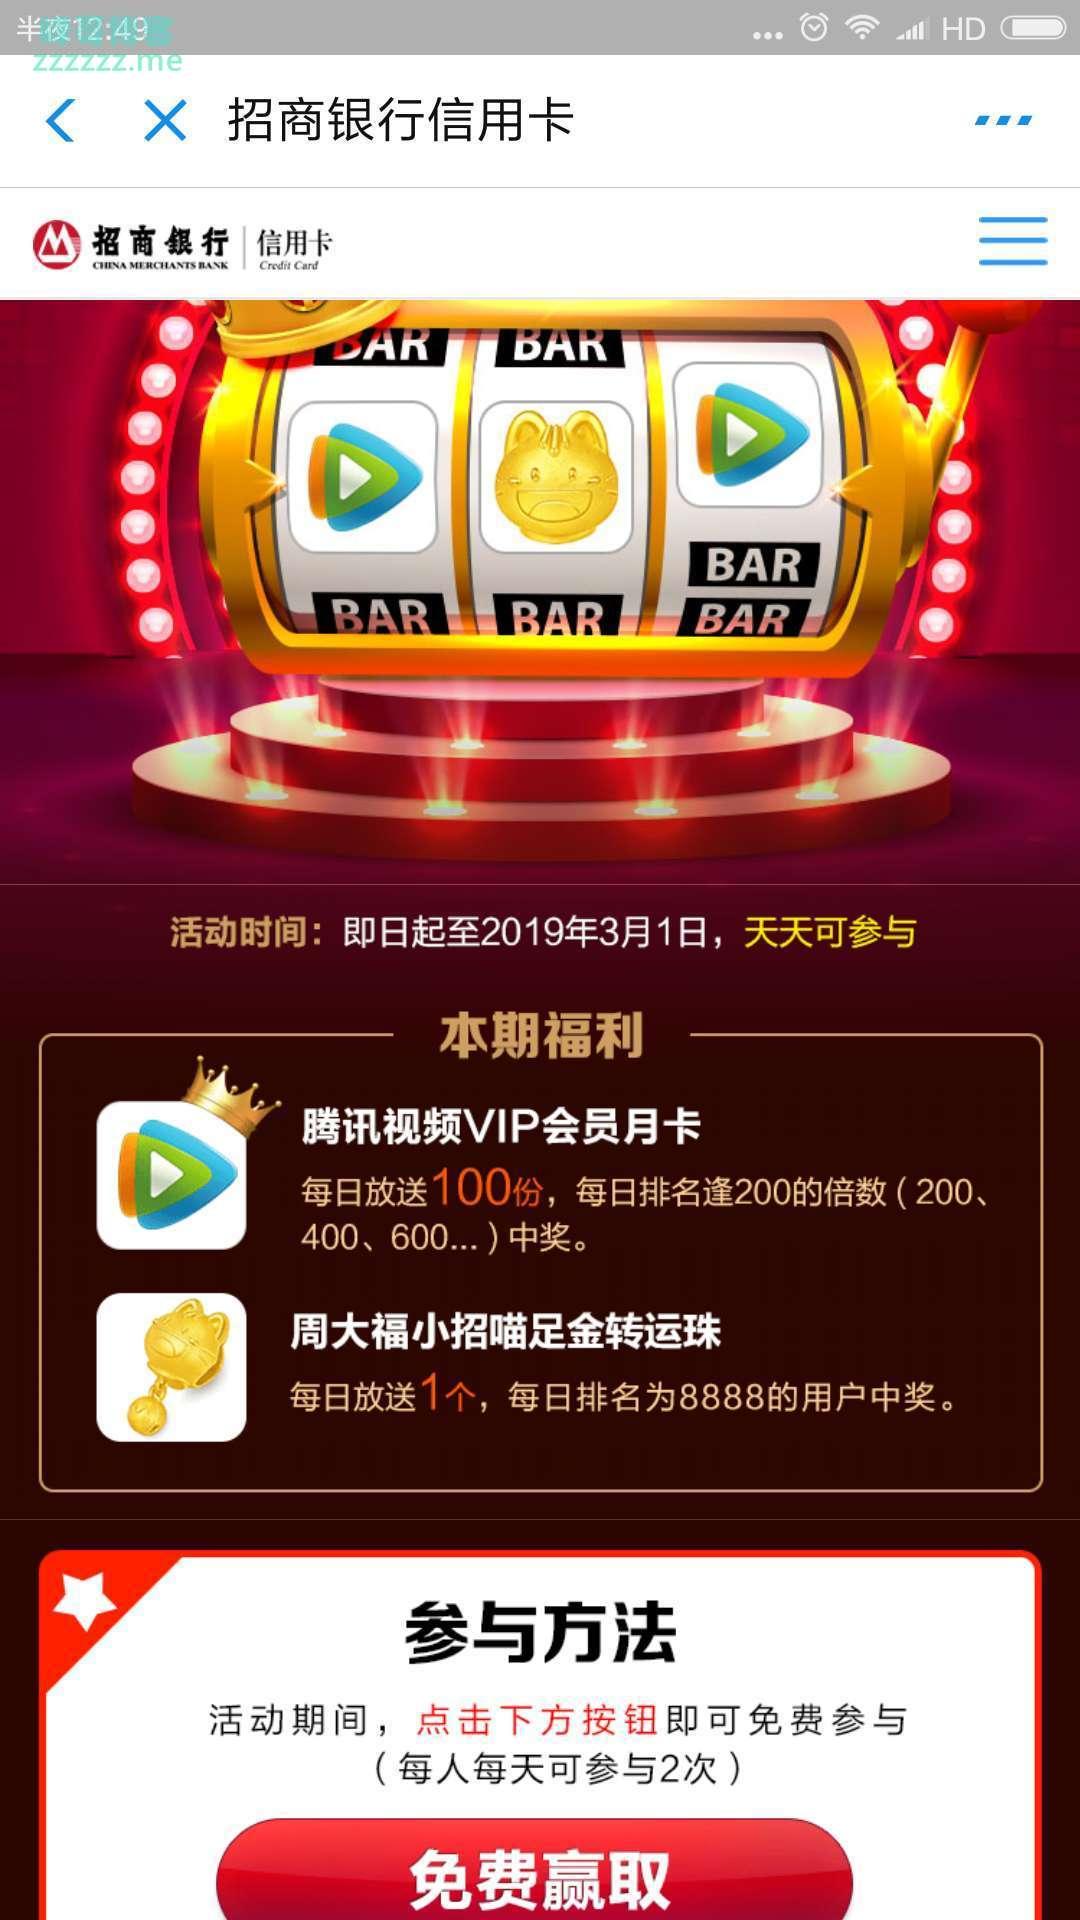 <招行xing/用卡>抢腾讯视频会员月卡(截止3月1日)